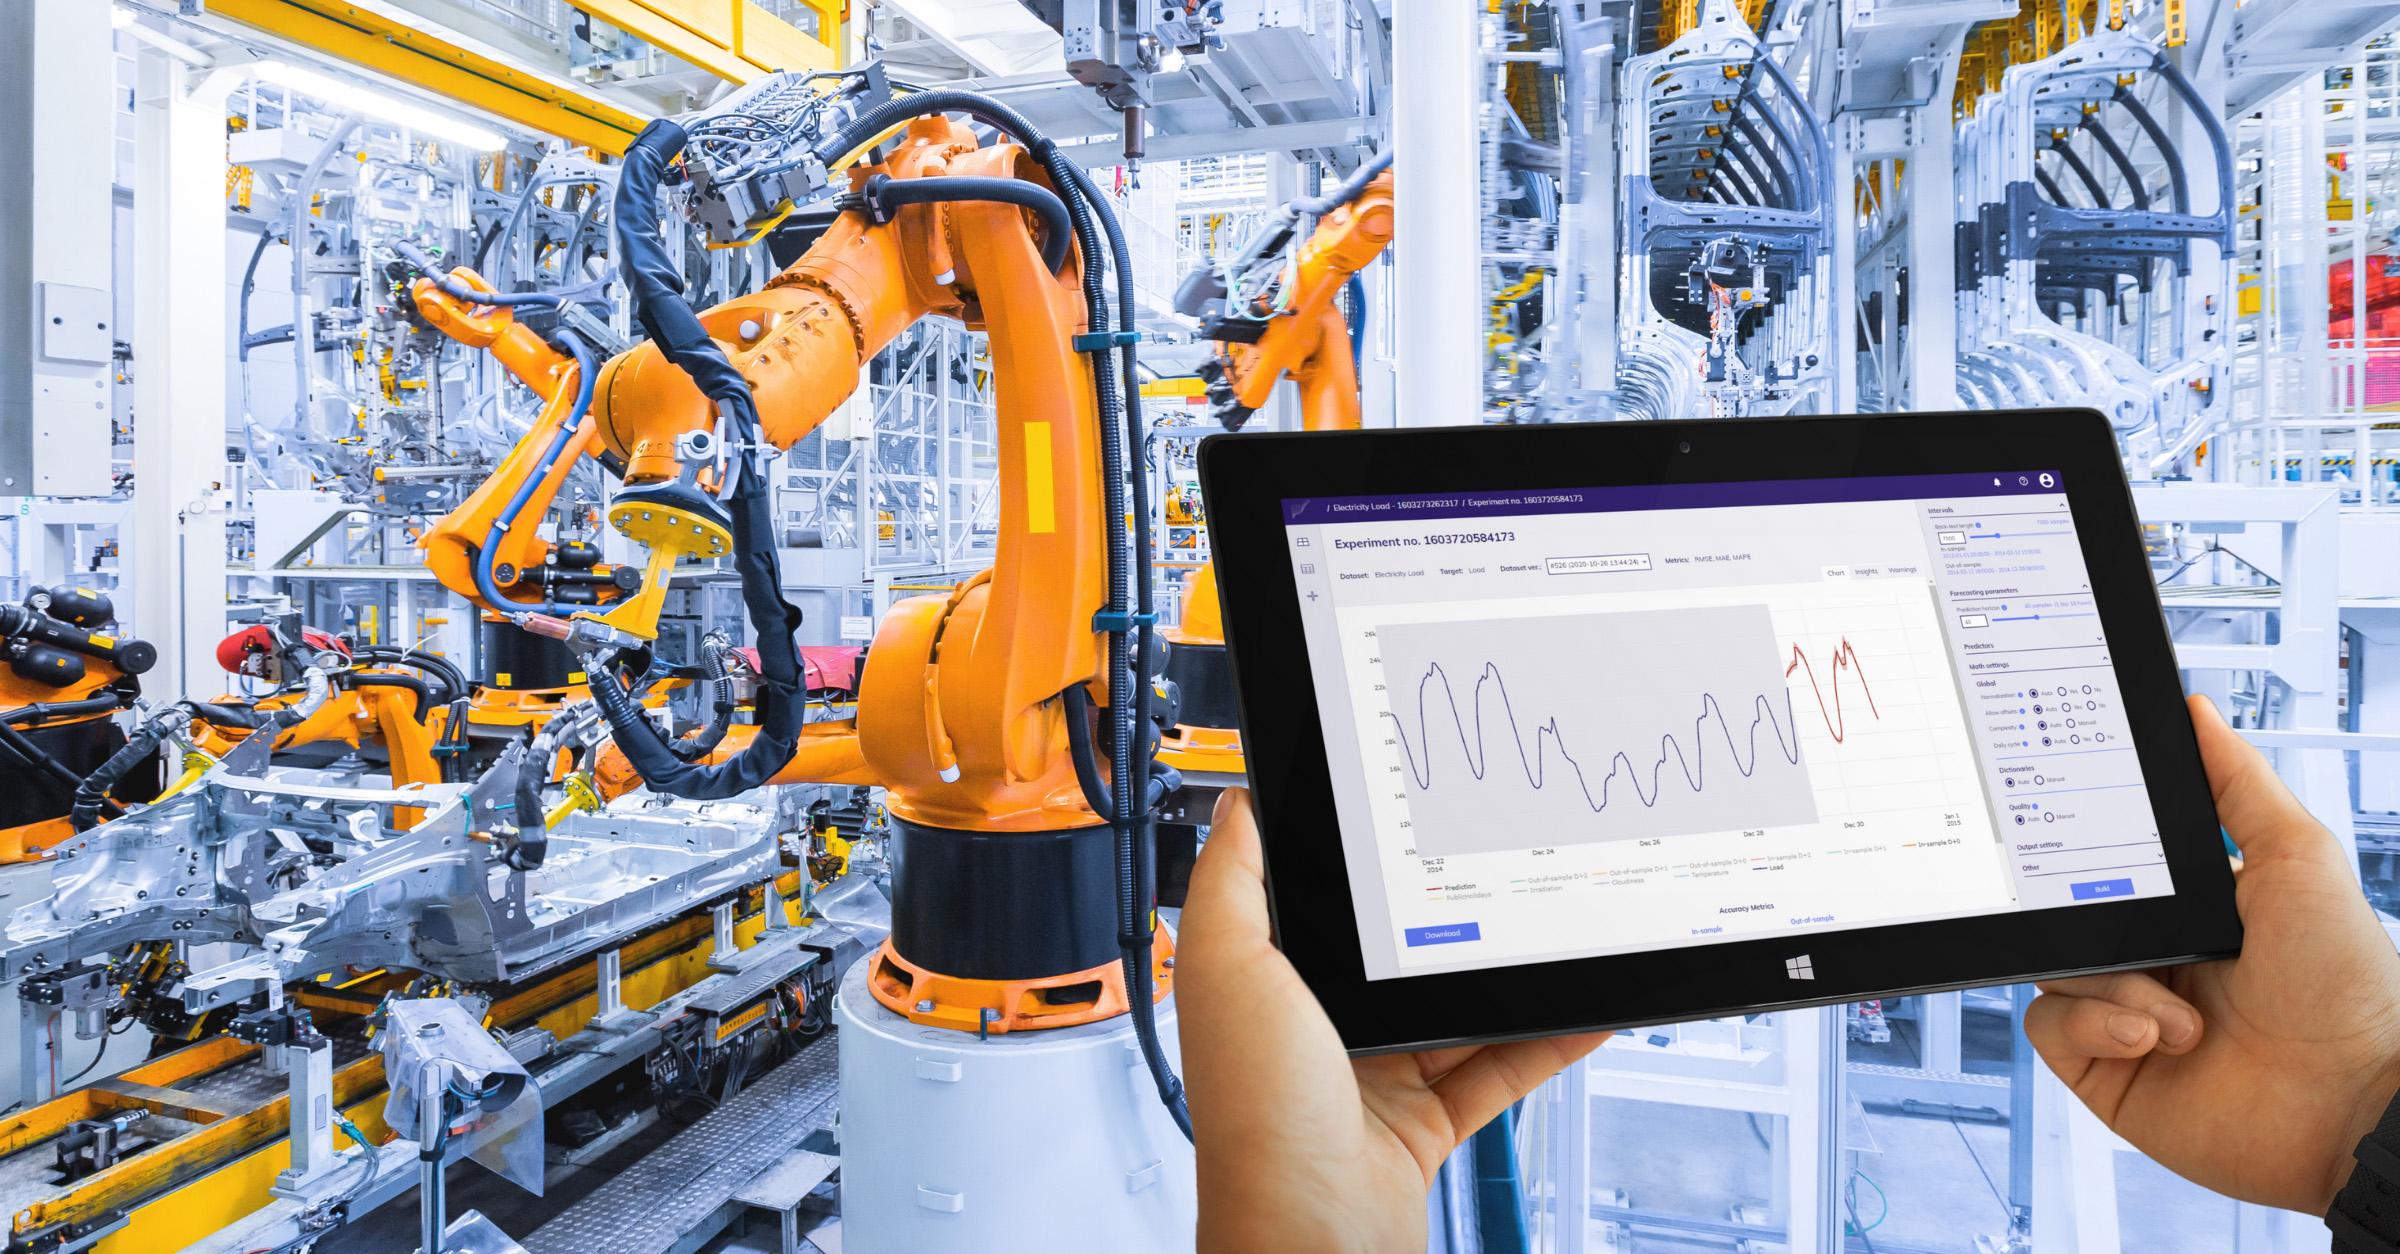 Siemens choisit Tangent Works pour démocratiser l'analyse des données IoT pour MindSphere